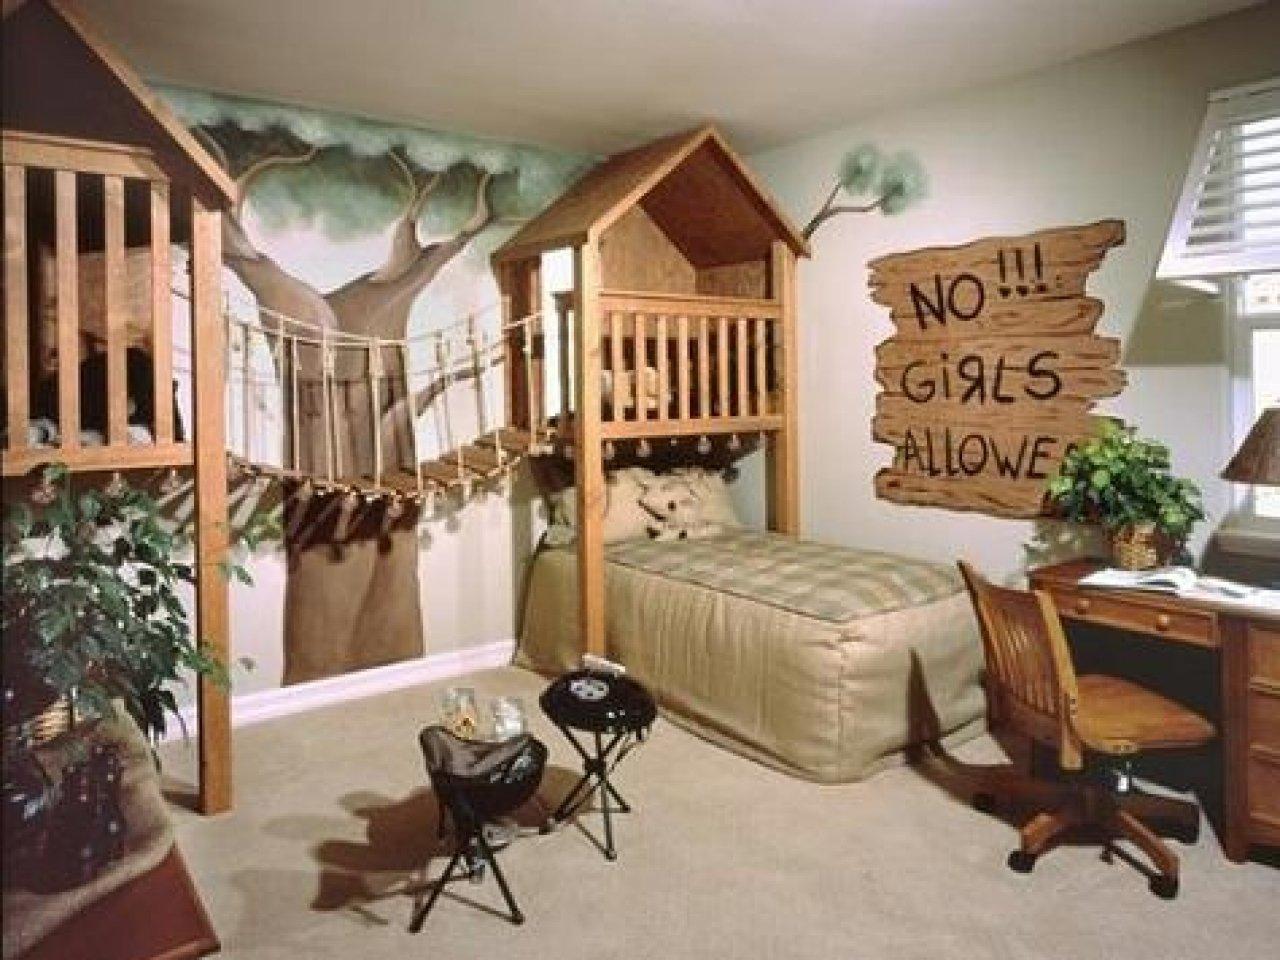 10 Cute Fun In The Bedroom Ideas fun teenage girl bedroom ideas e280a2 bedroom ideas 2020